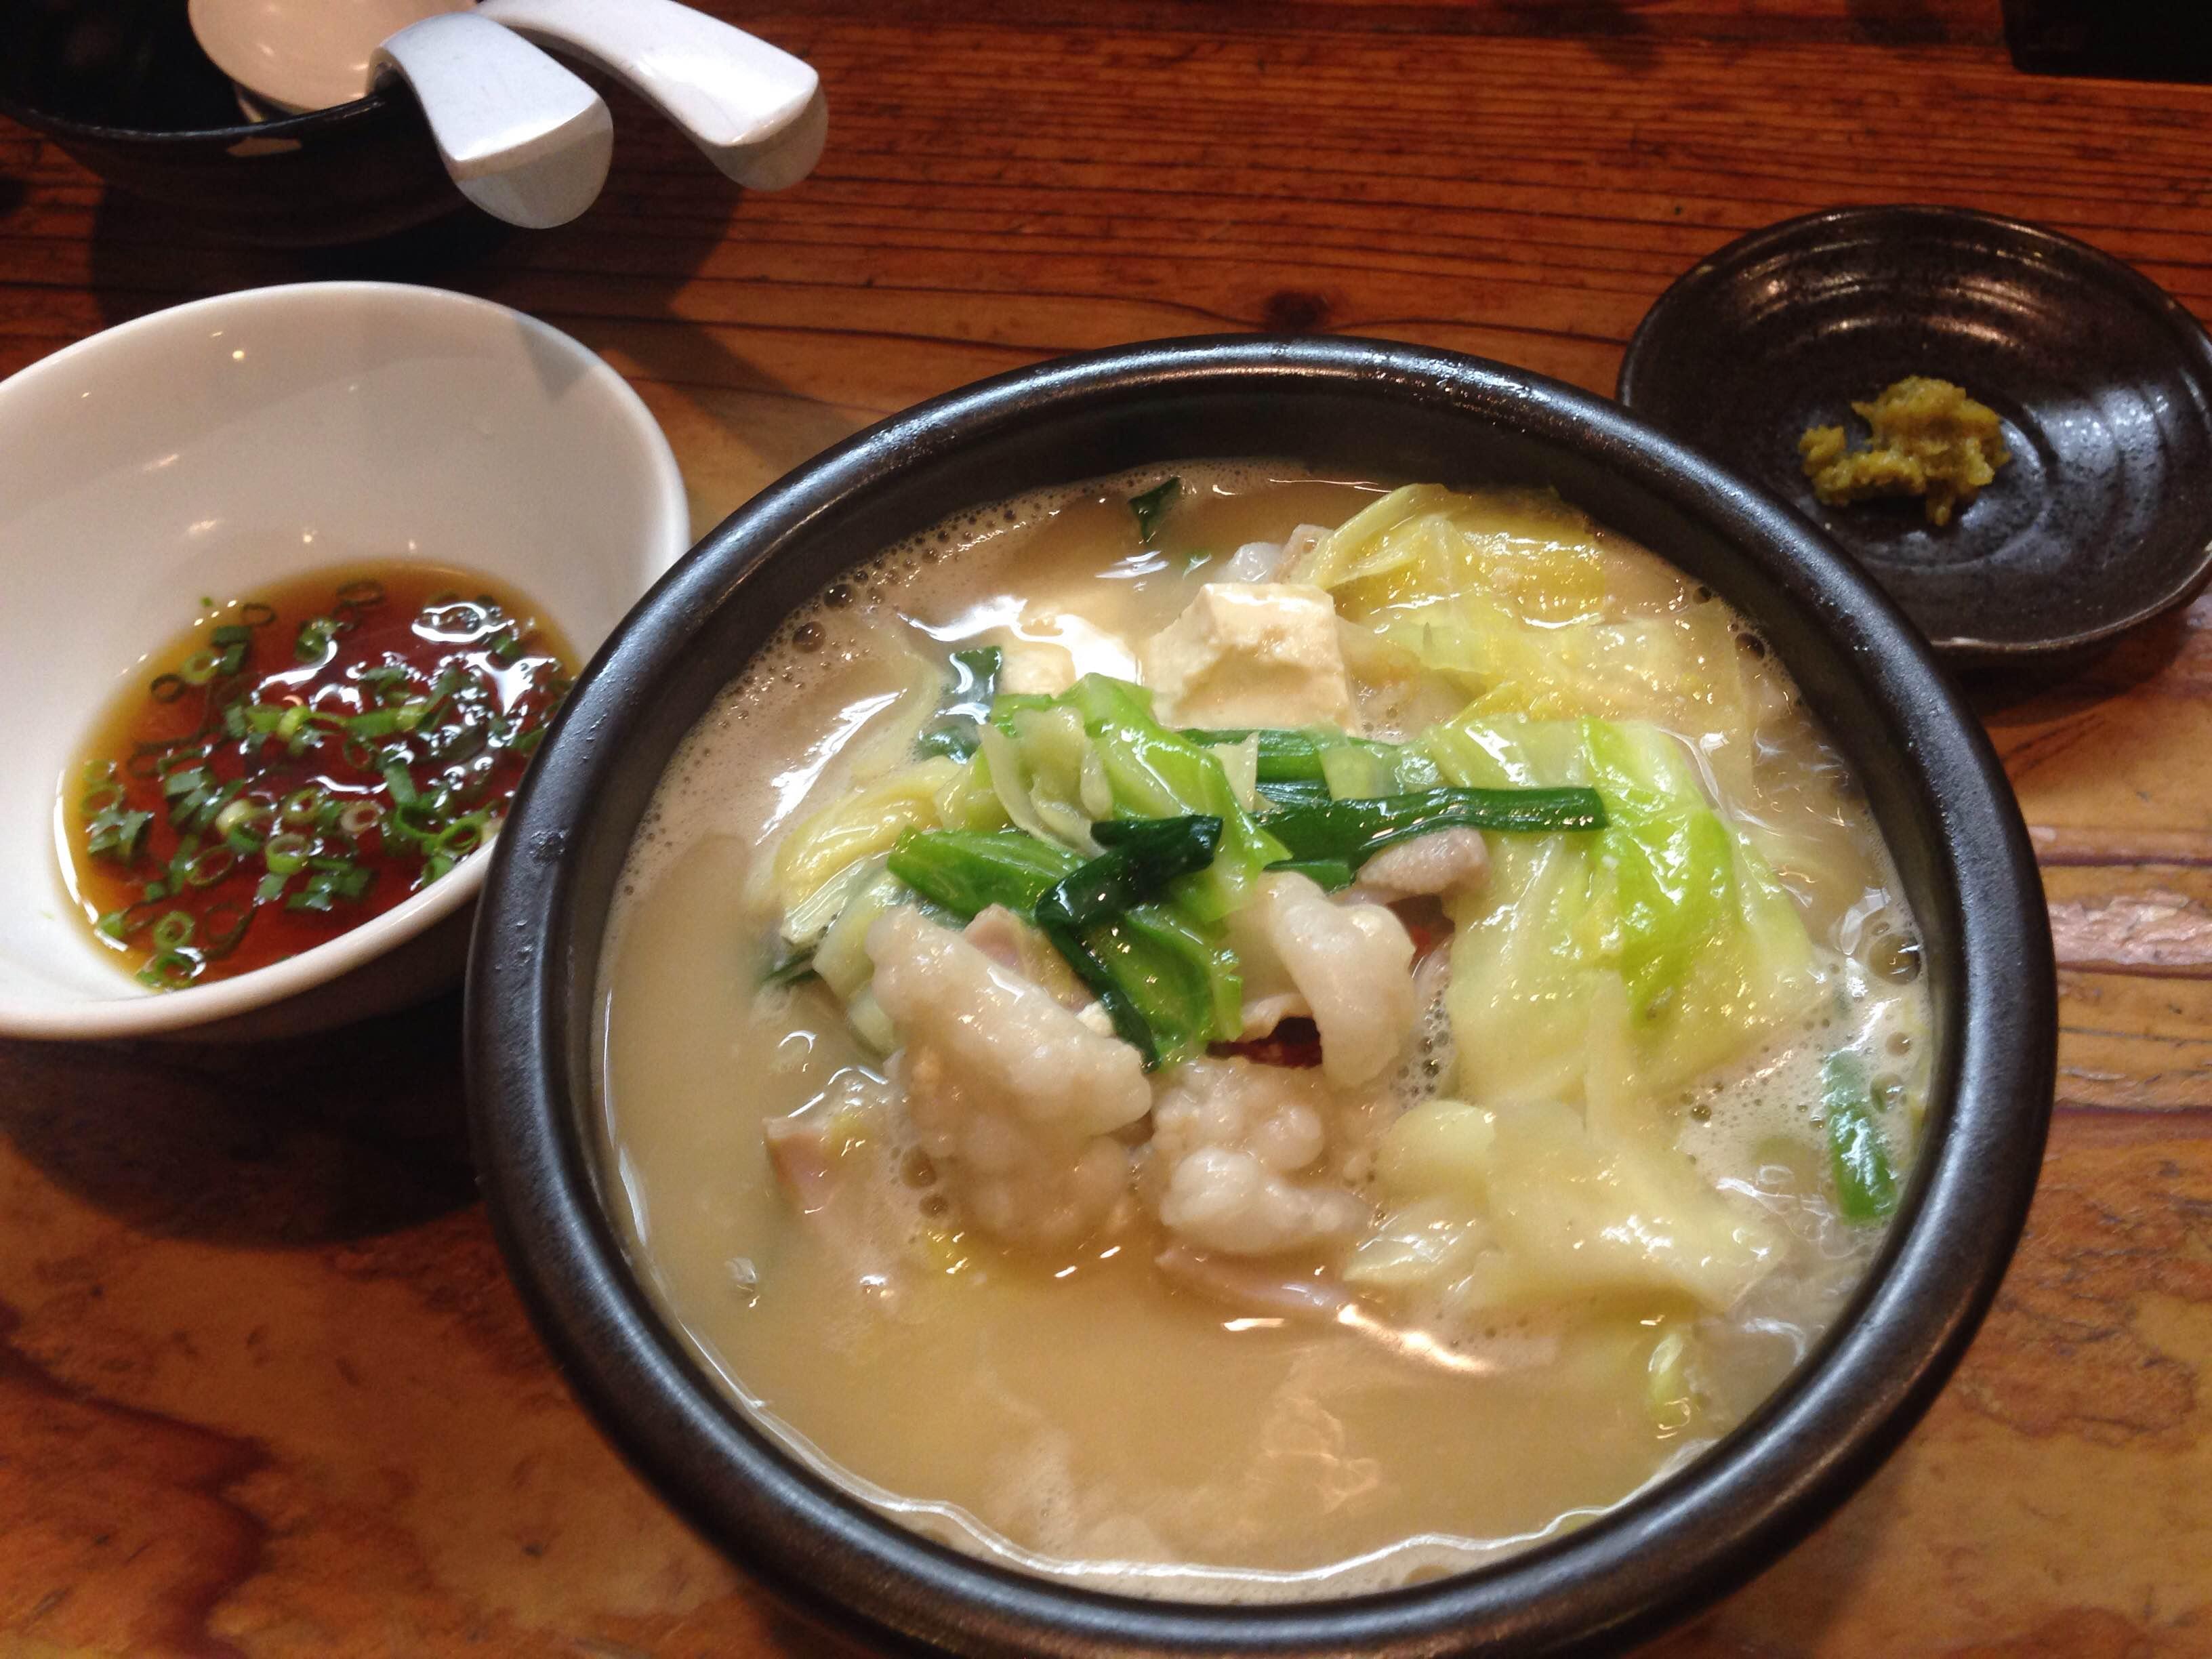 博多ギョーザと国産もつのスープ炊き